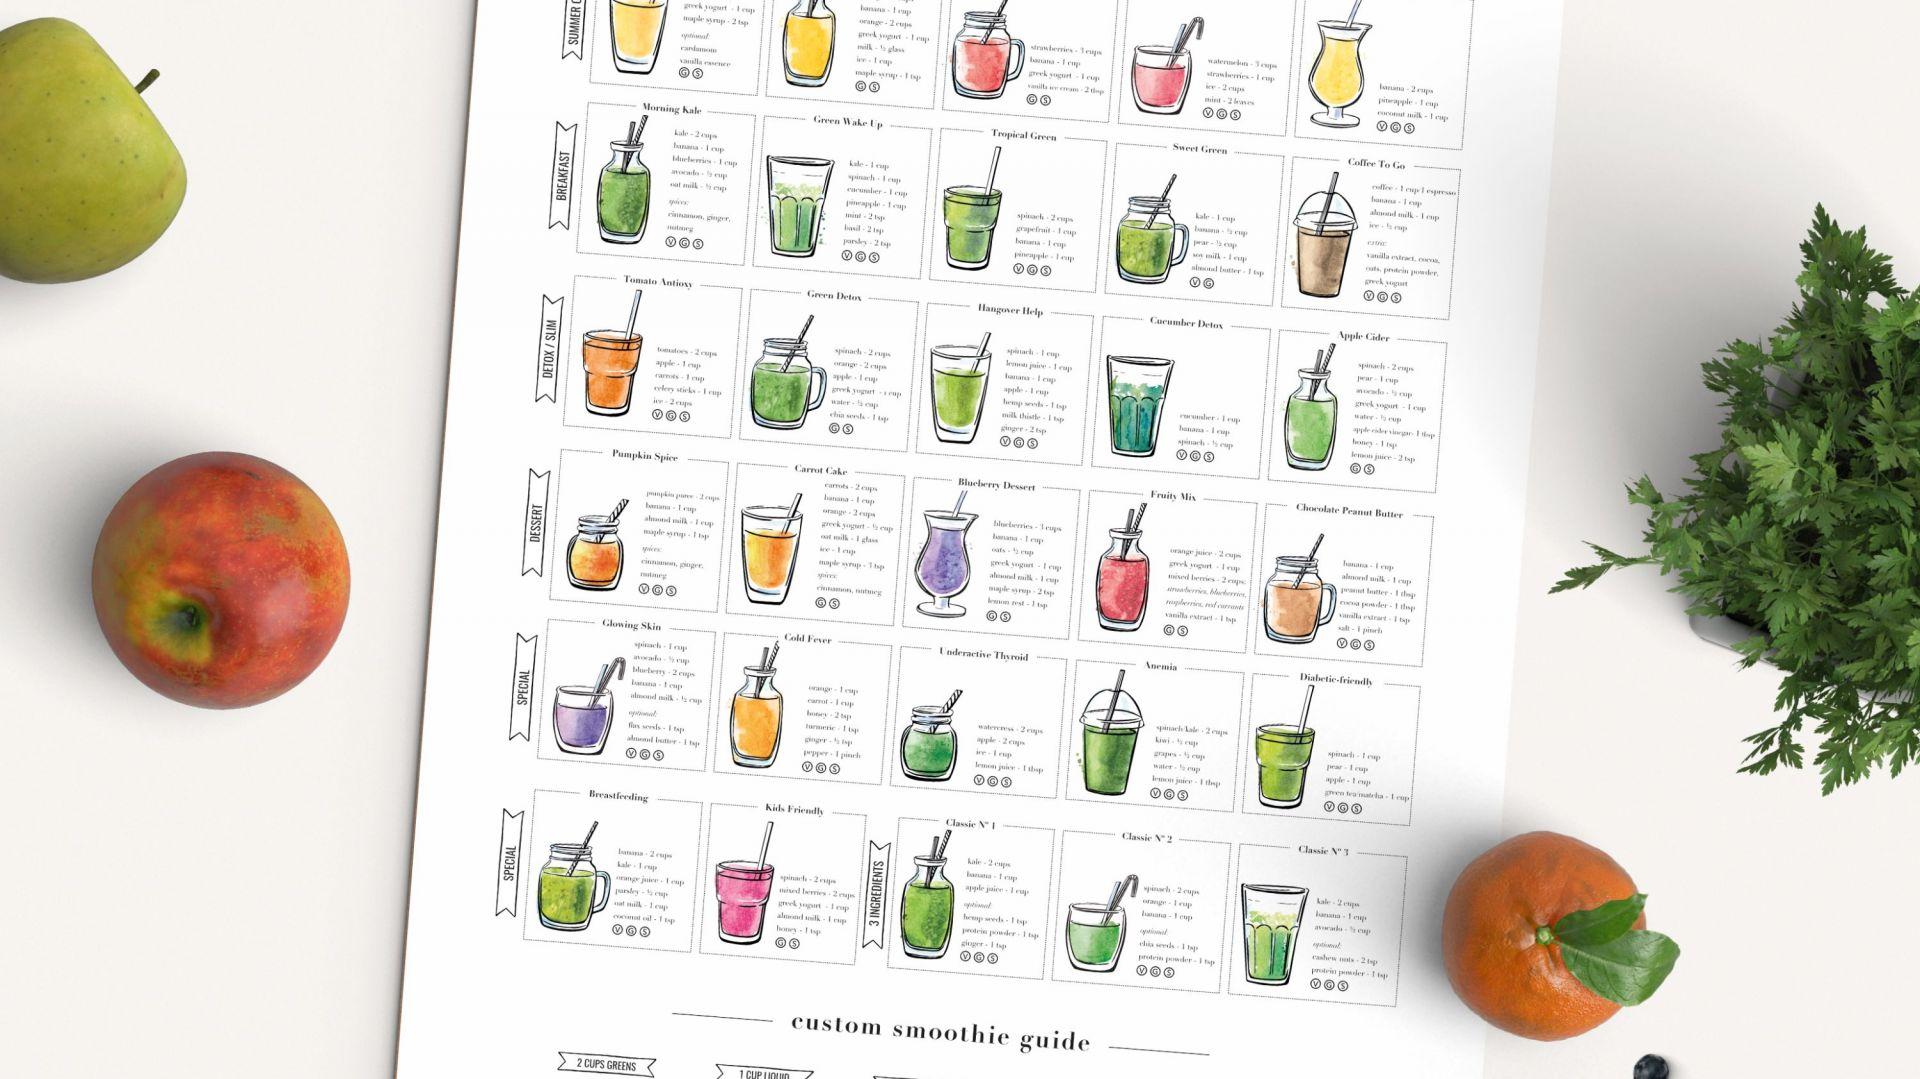 Właśnie rozpoczyna się letni sezon - bogactwo warzyw i owoców -to idealny moment na rozpoczęcie przygody z koktajlami #smoothies